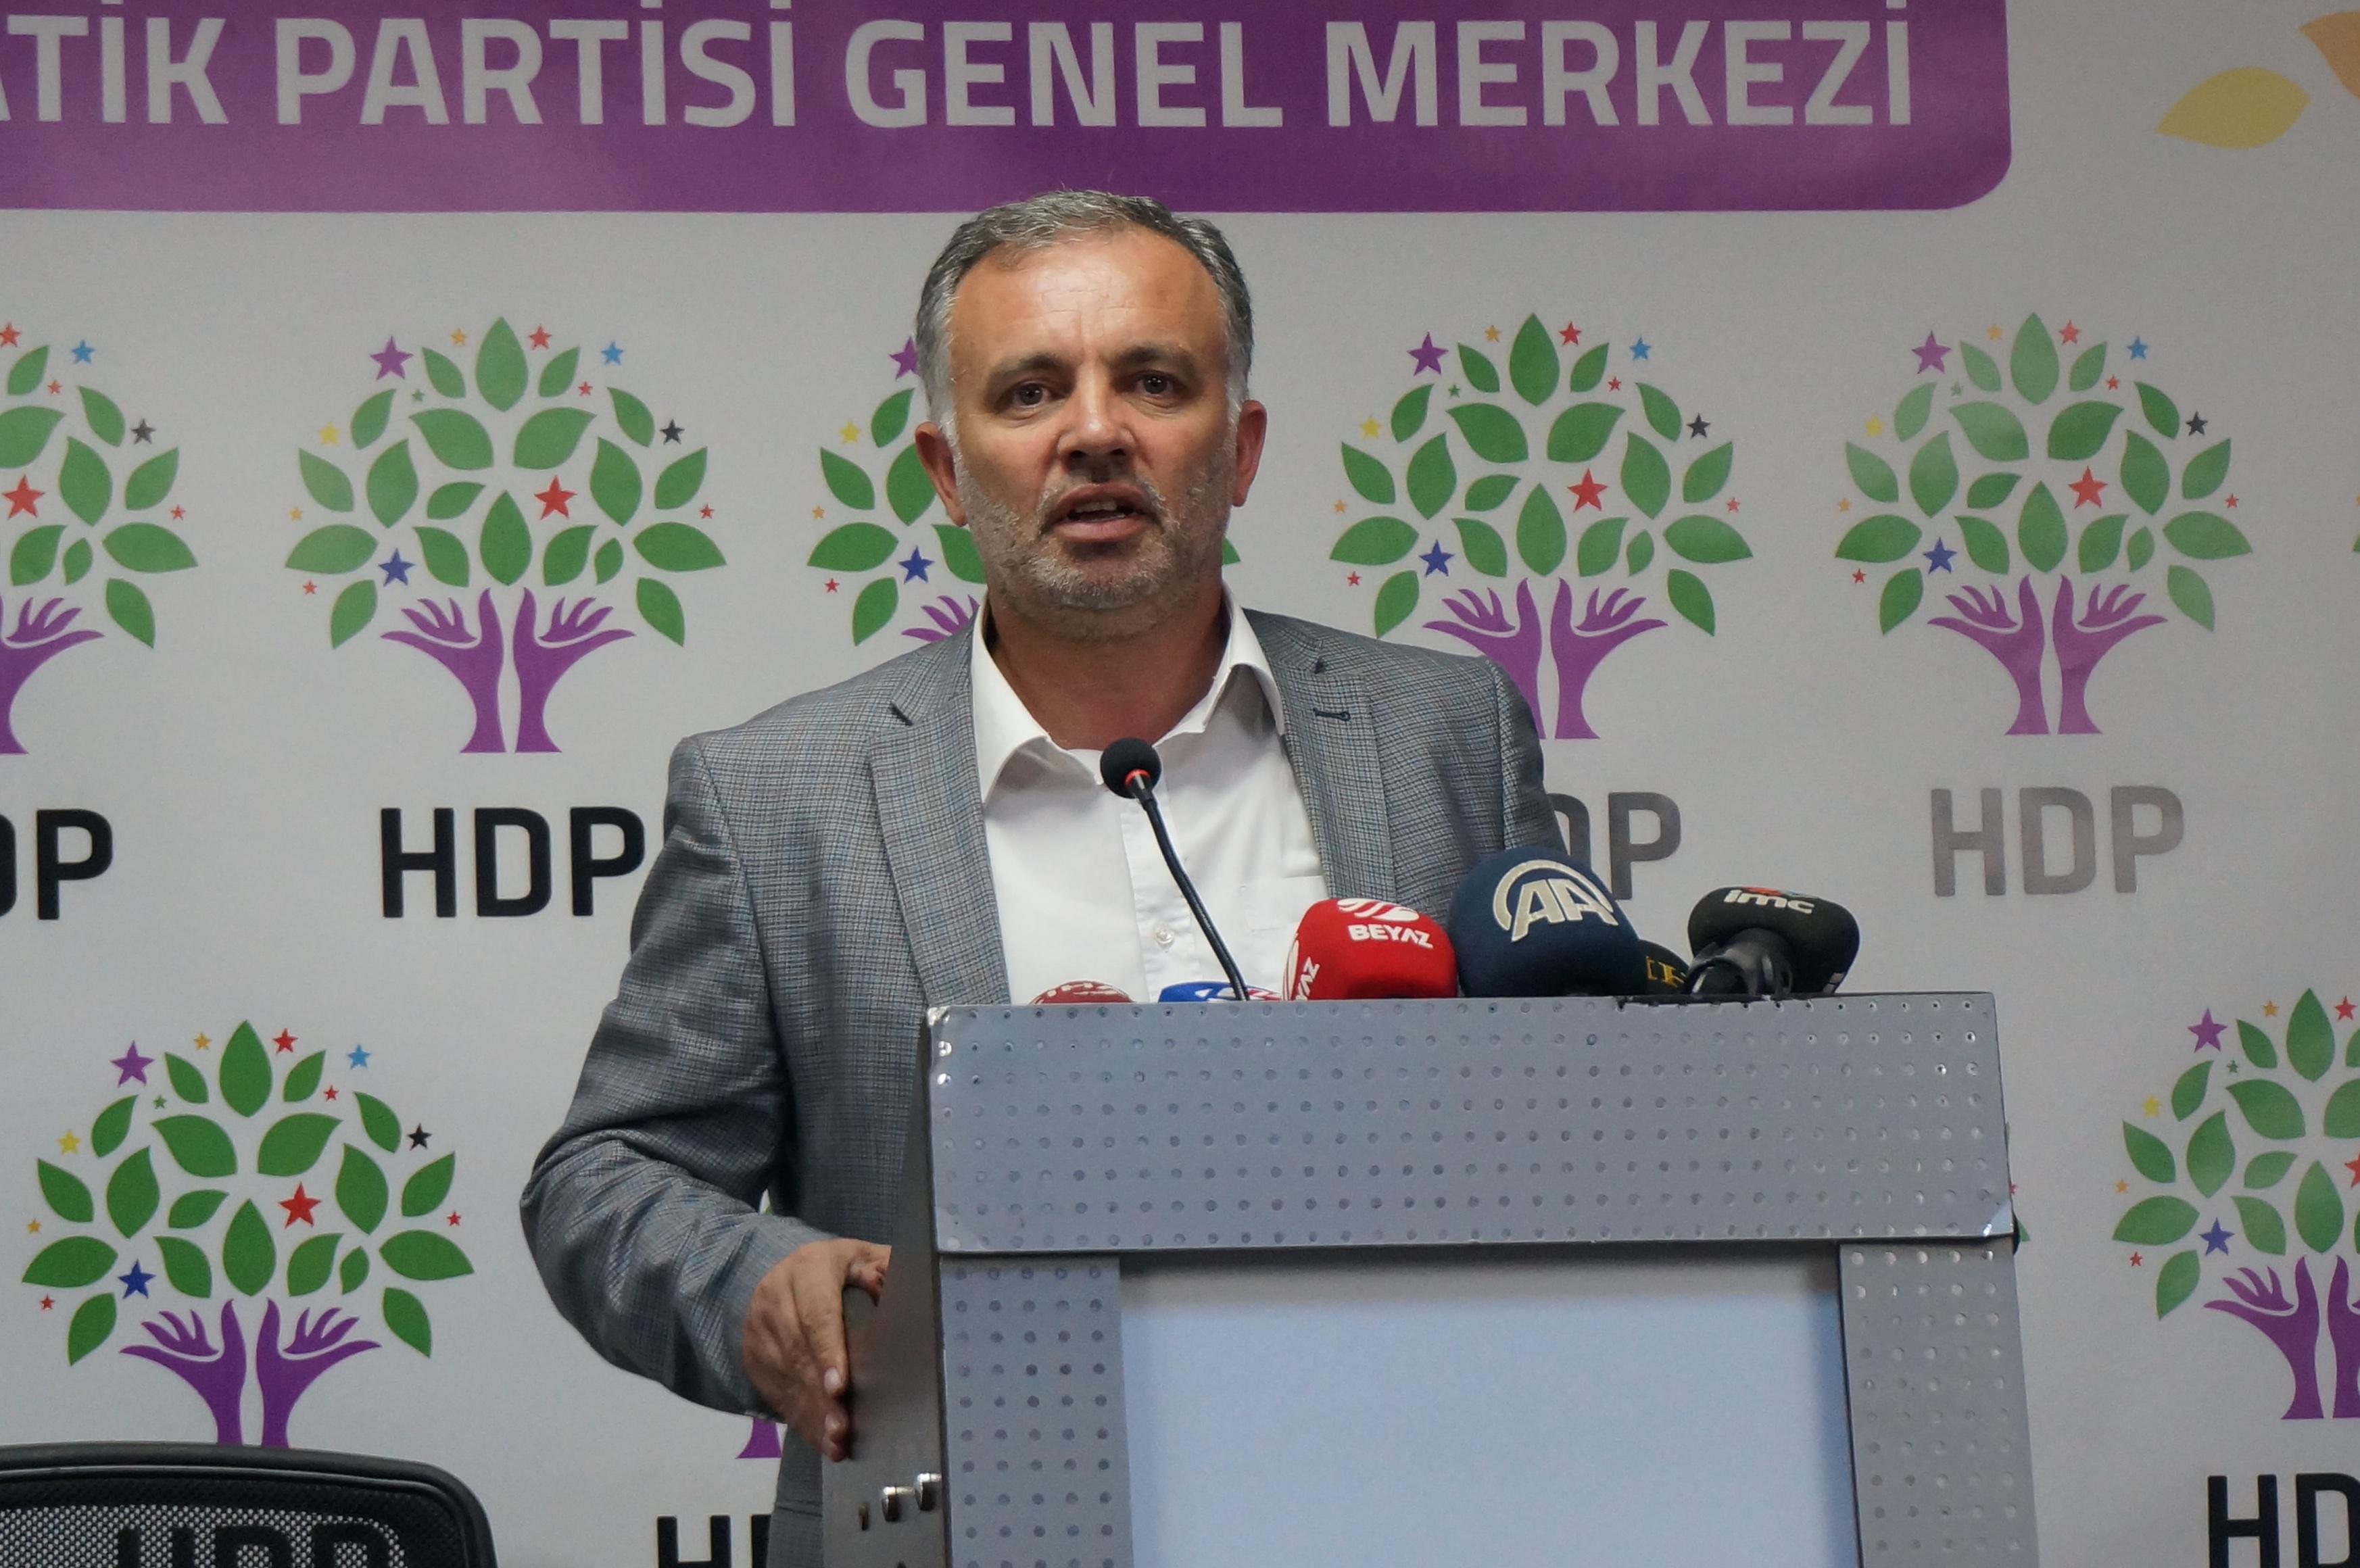 HDP 'öz yönetim' mitingleri düzenleyecek